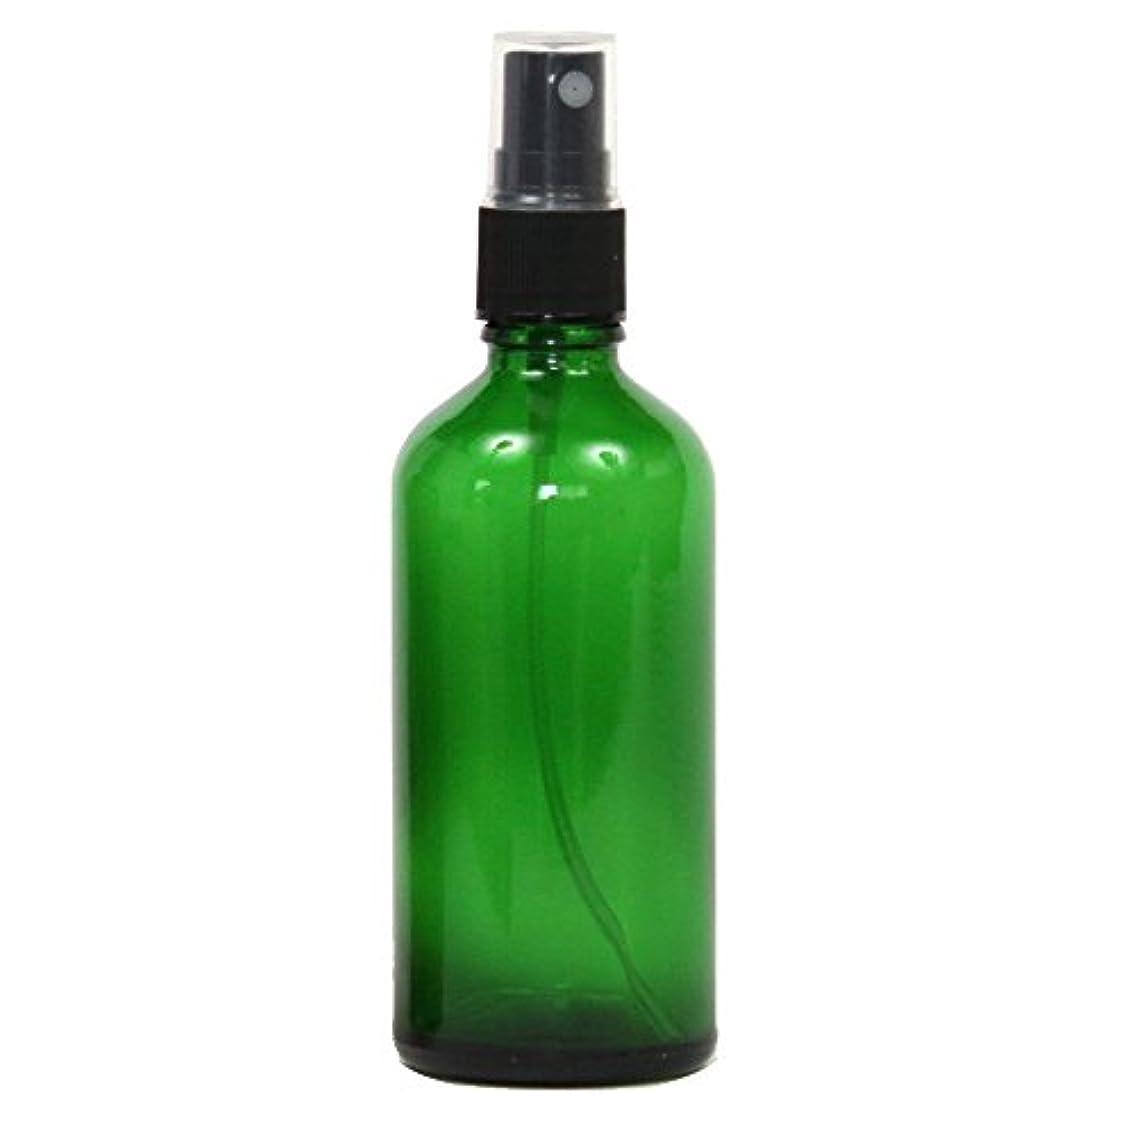 びっくり面白いまともなスプレーボトル ガラス瓶 100mL 【グリーン 緑色】 遮光性 ガラスアトマイザー 空容器gr100g